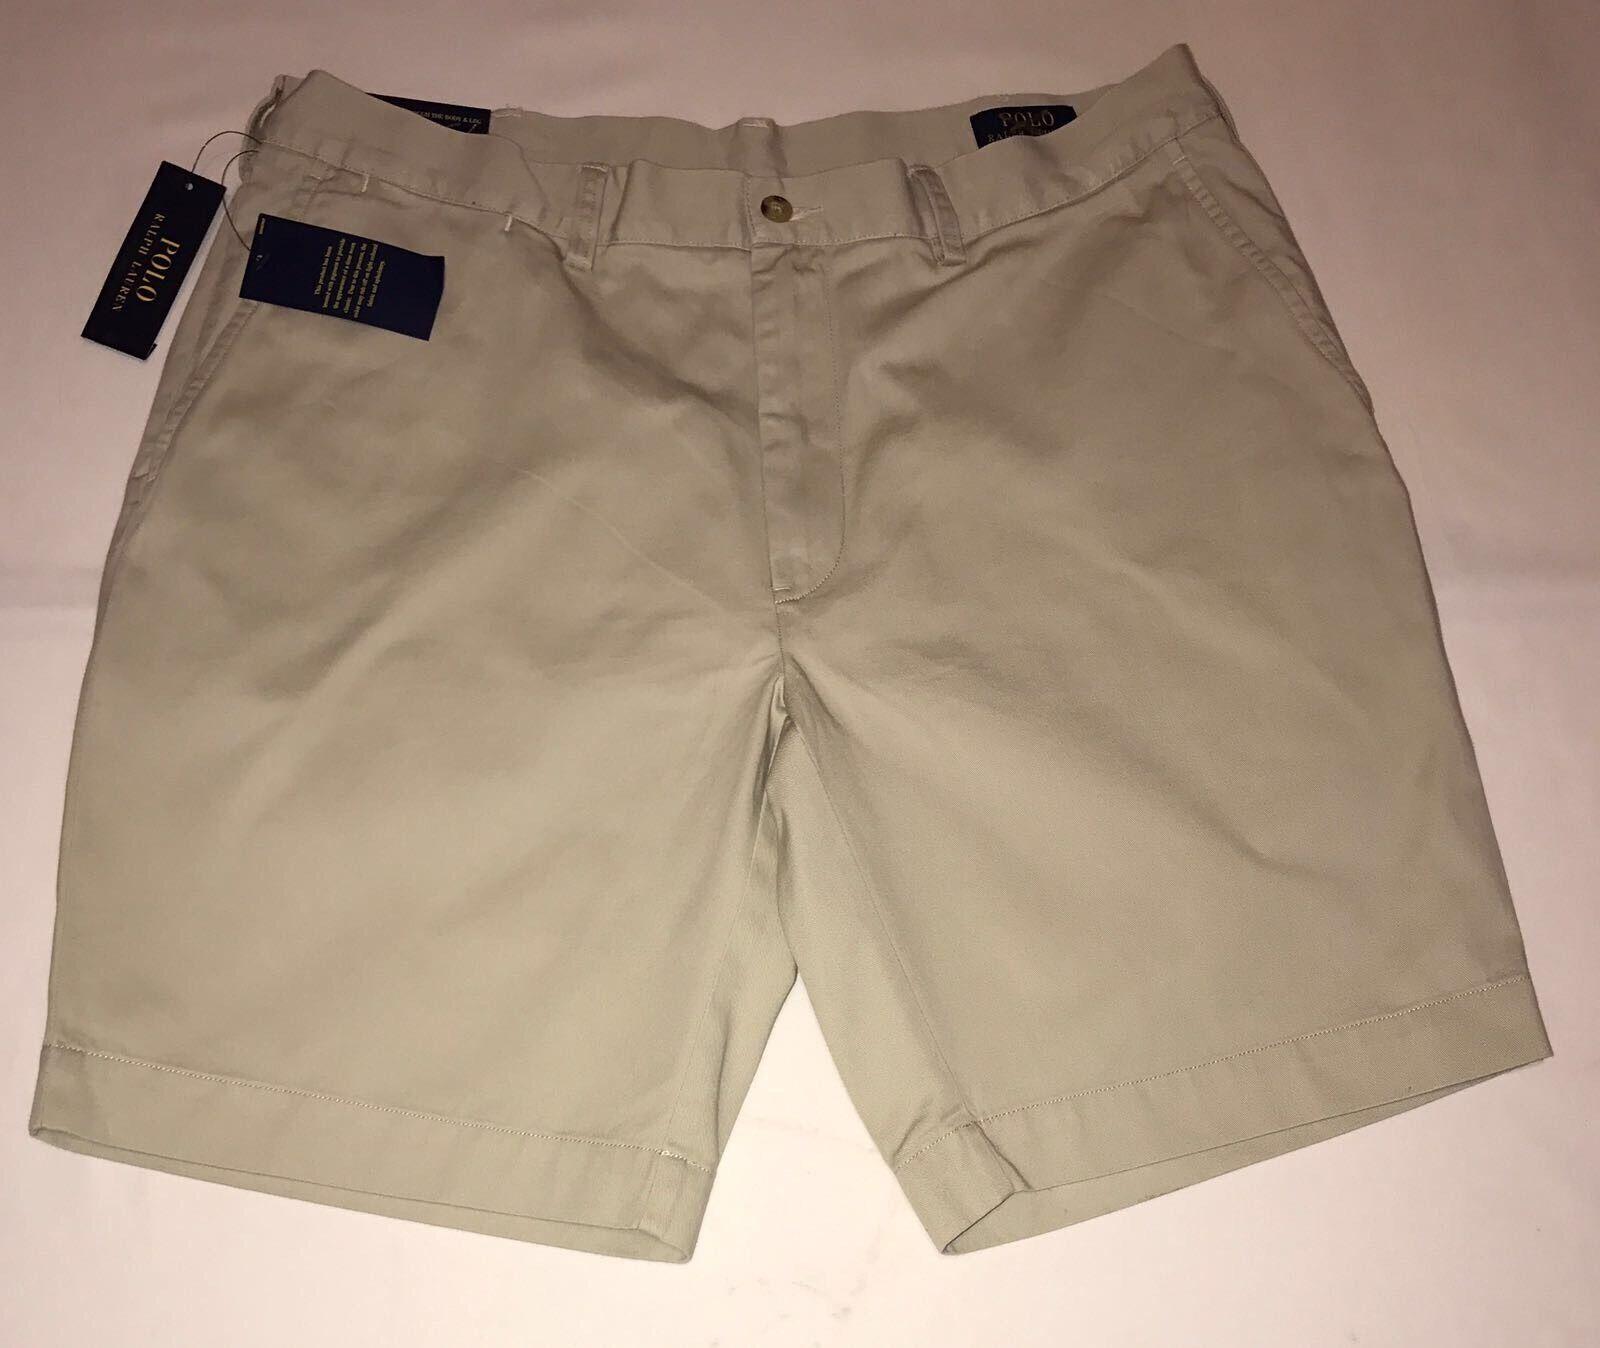 Ralph Lauren Shorts (Size 31)